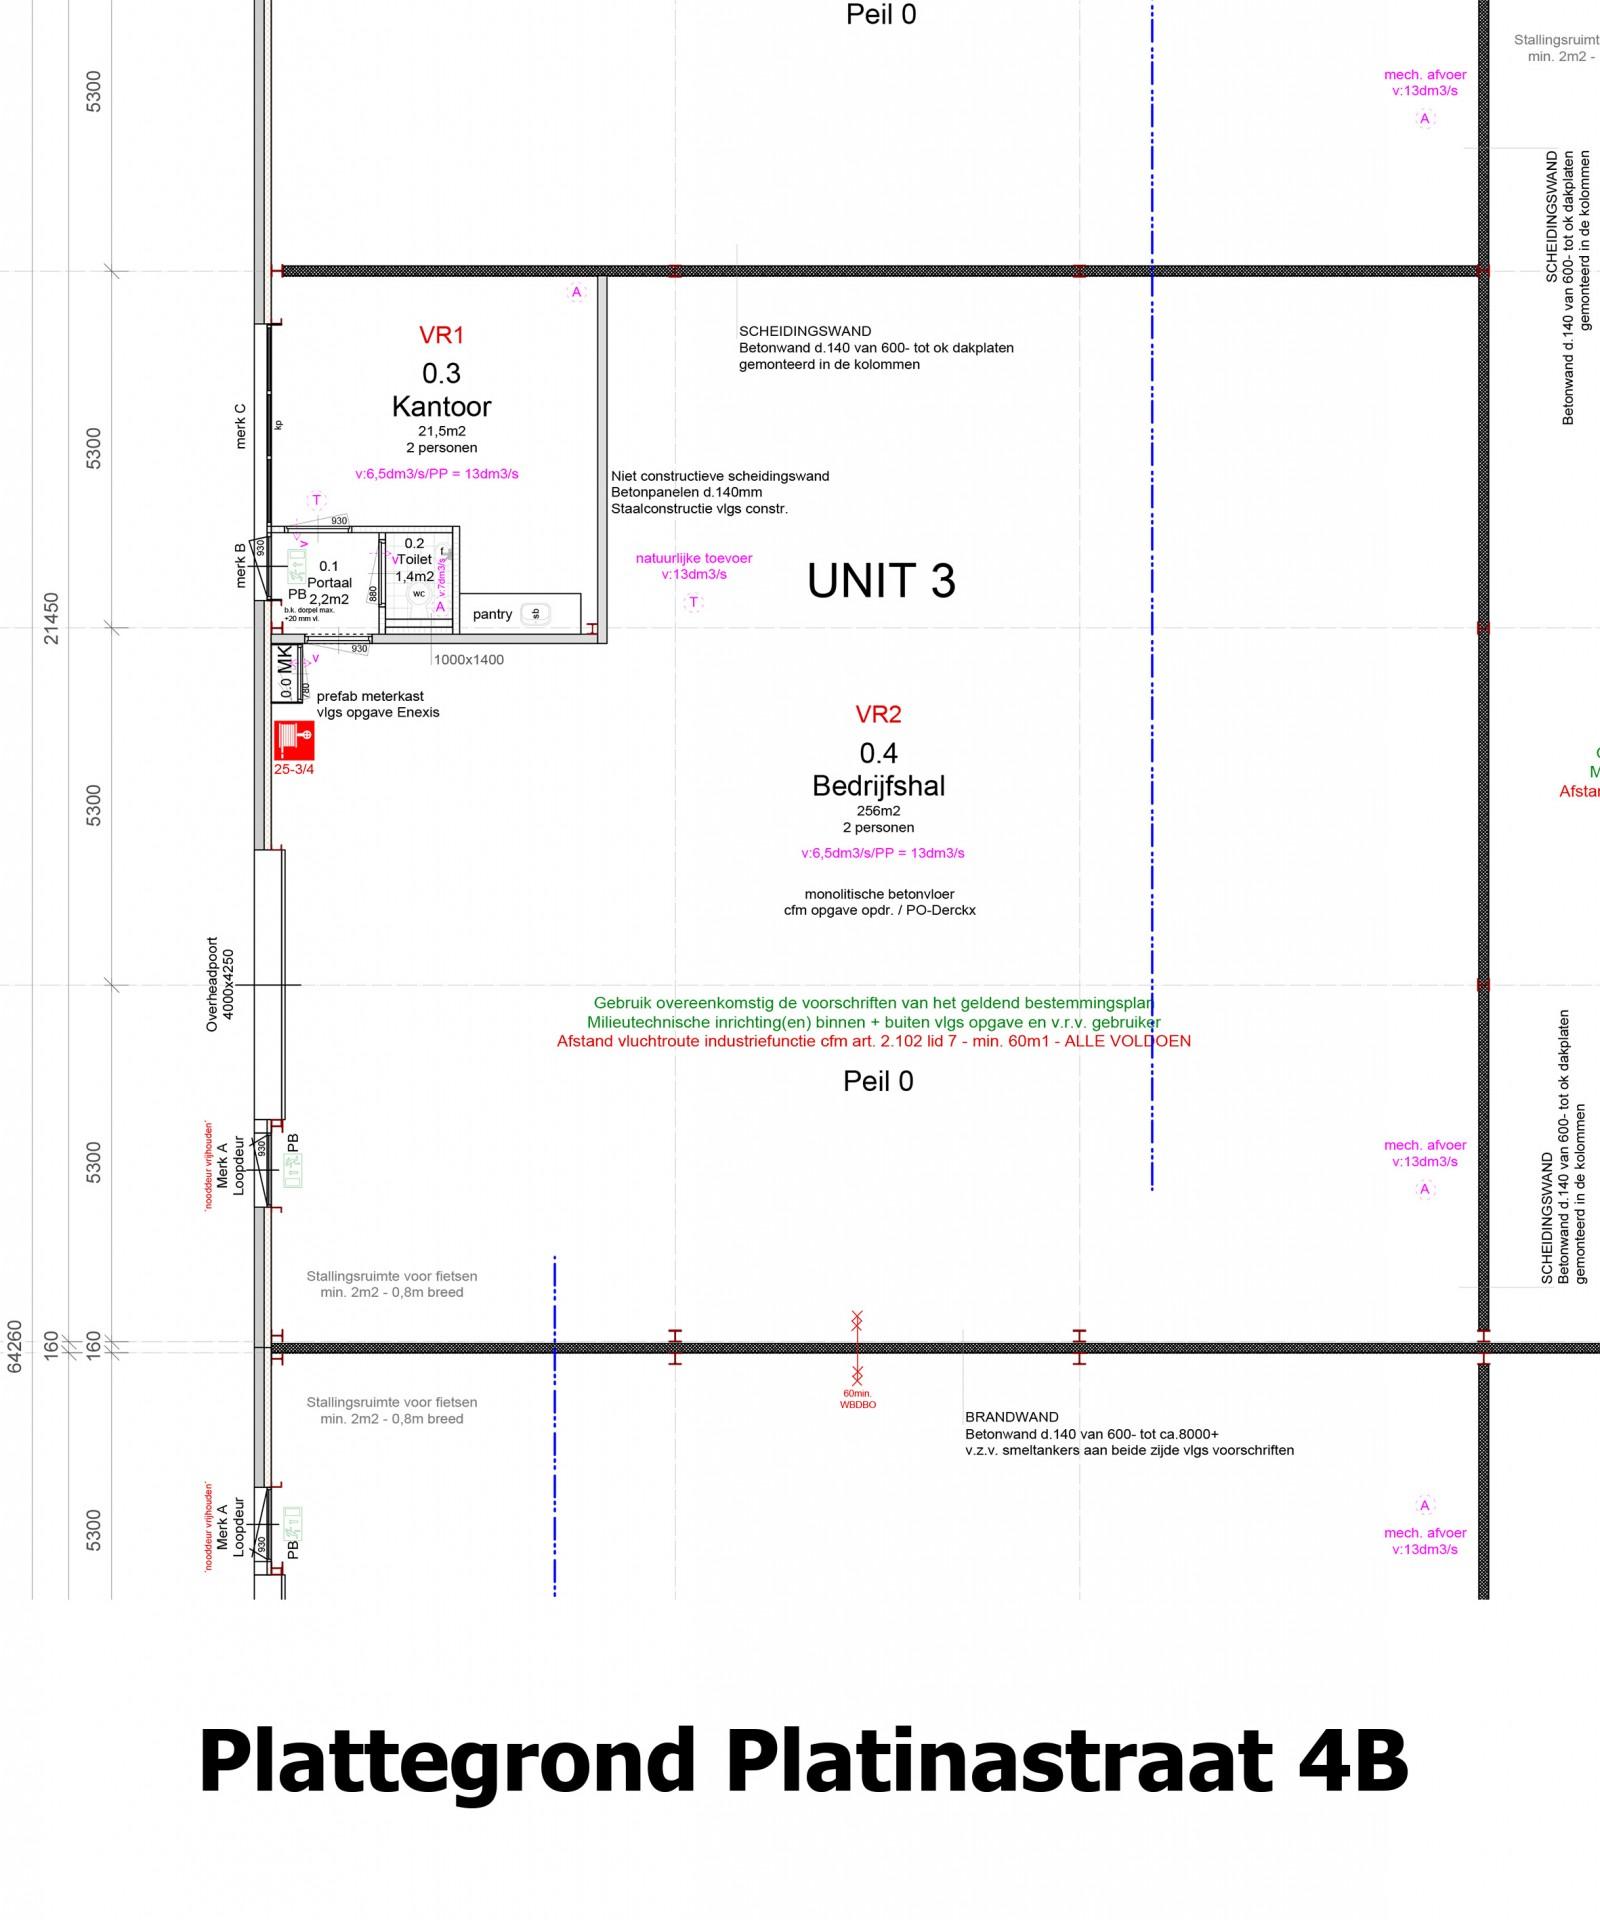 Plattegrond Platinastraat 4 B